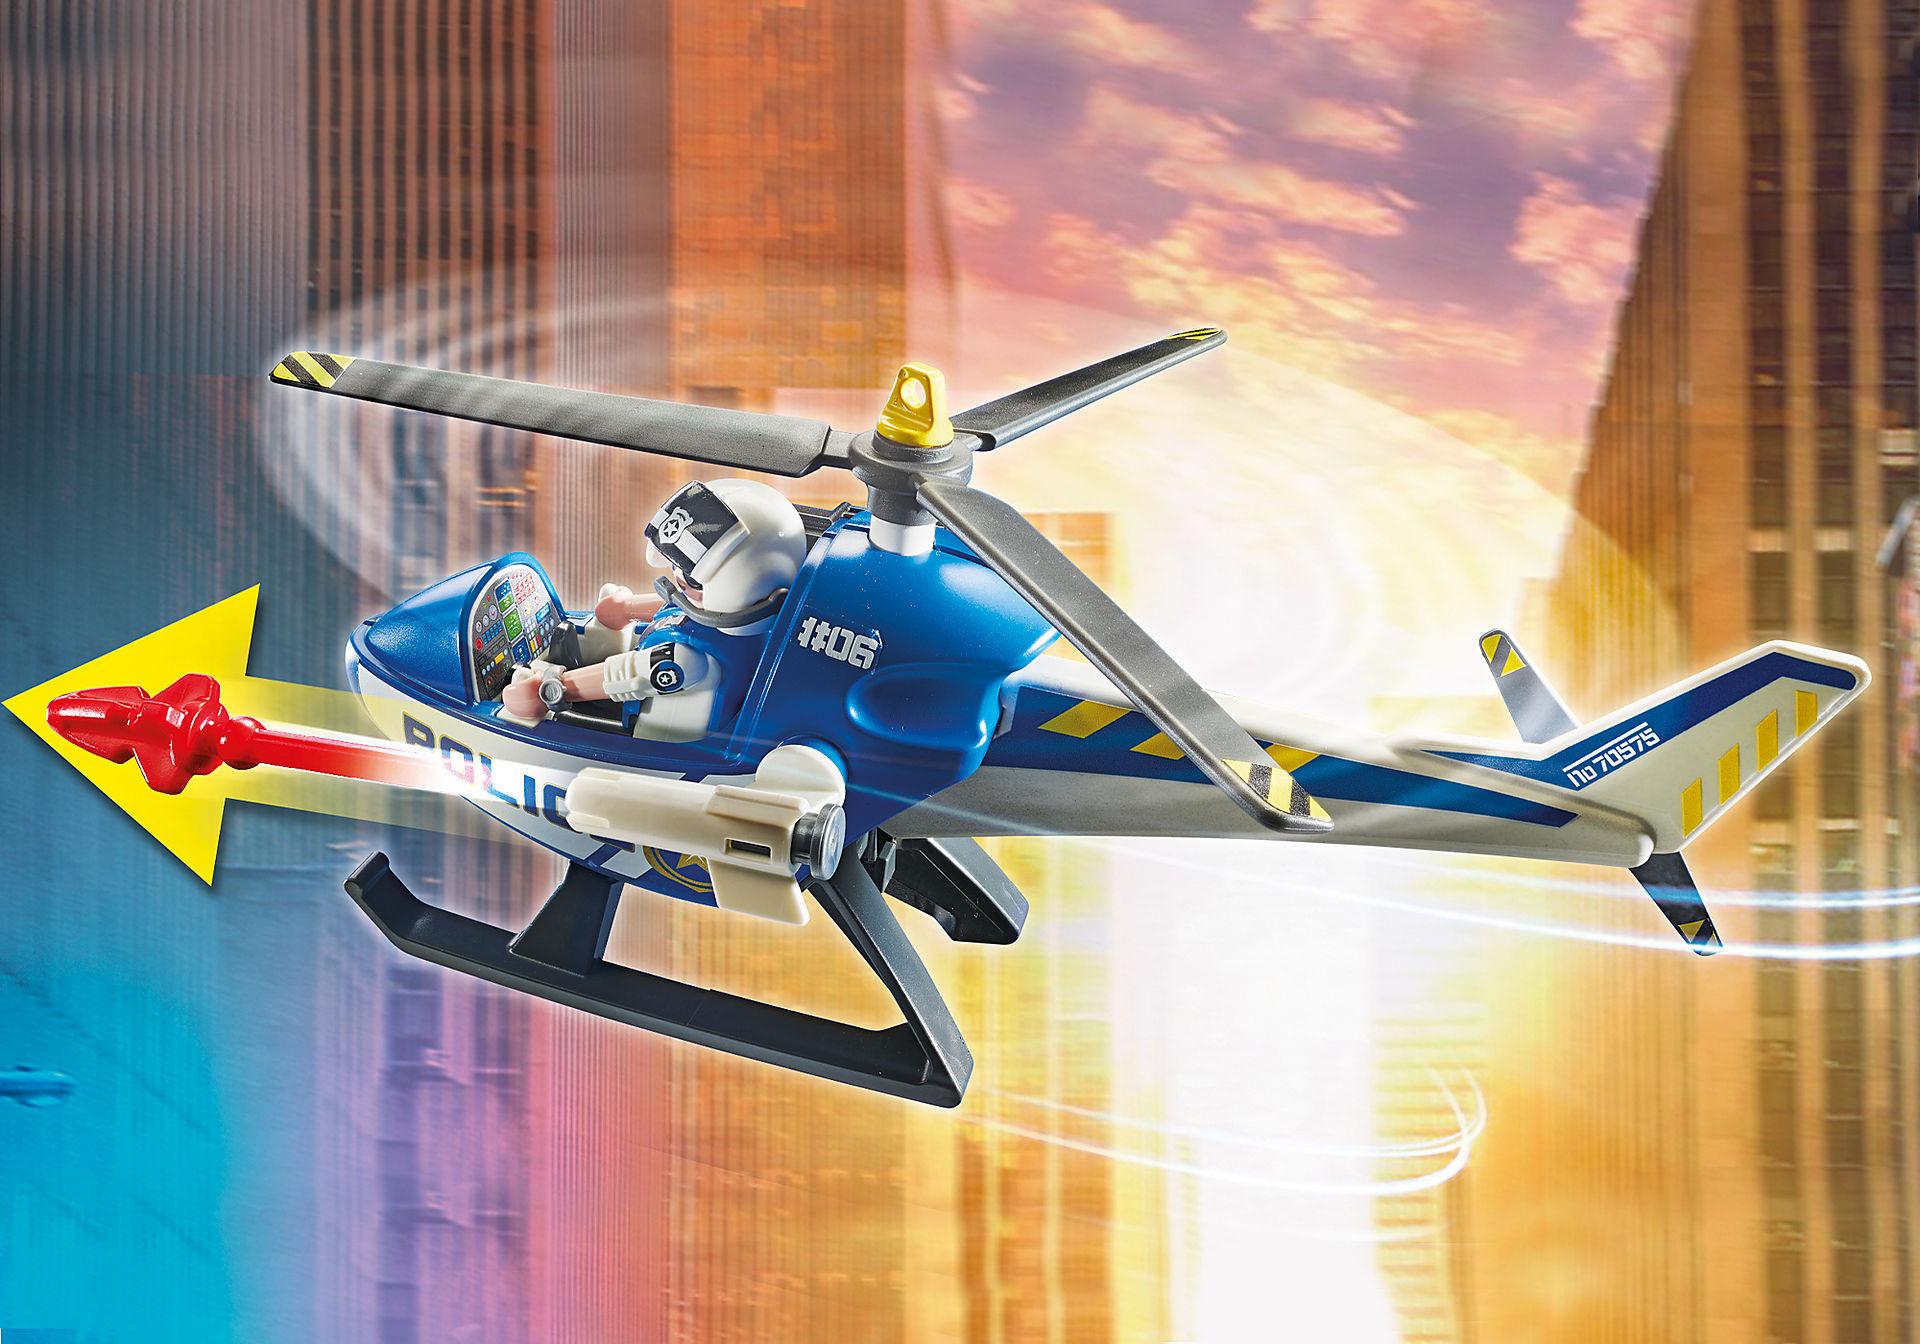 70575 Politihelikopter: Forfølgelse af flugtbilen zoom image4